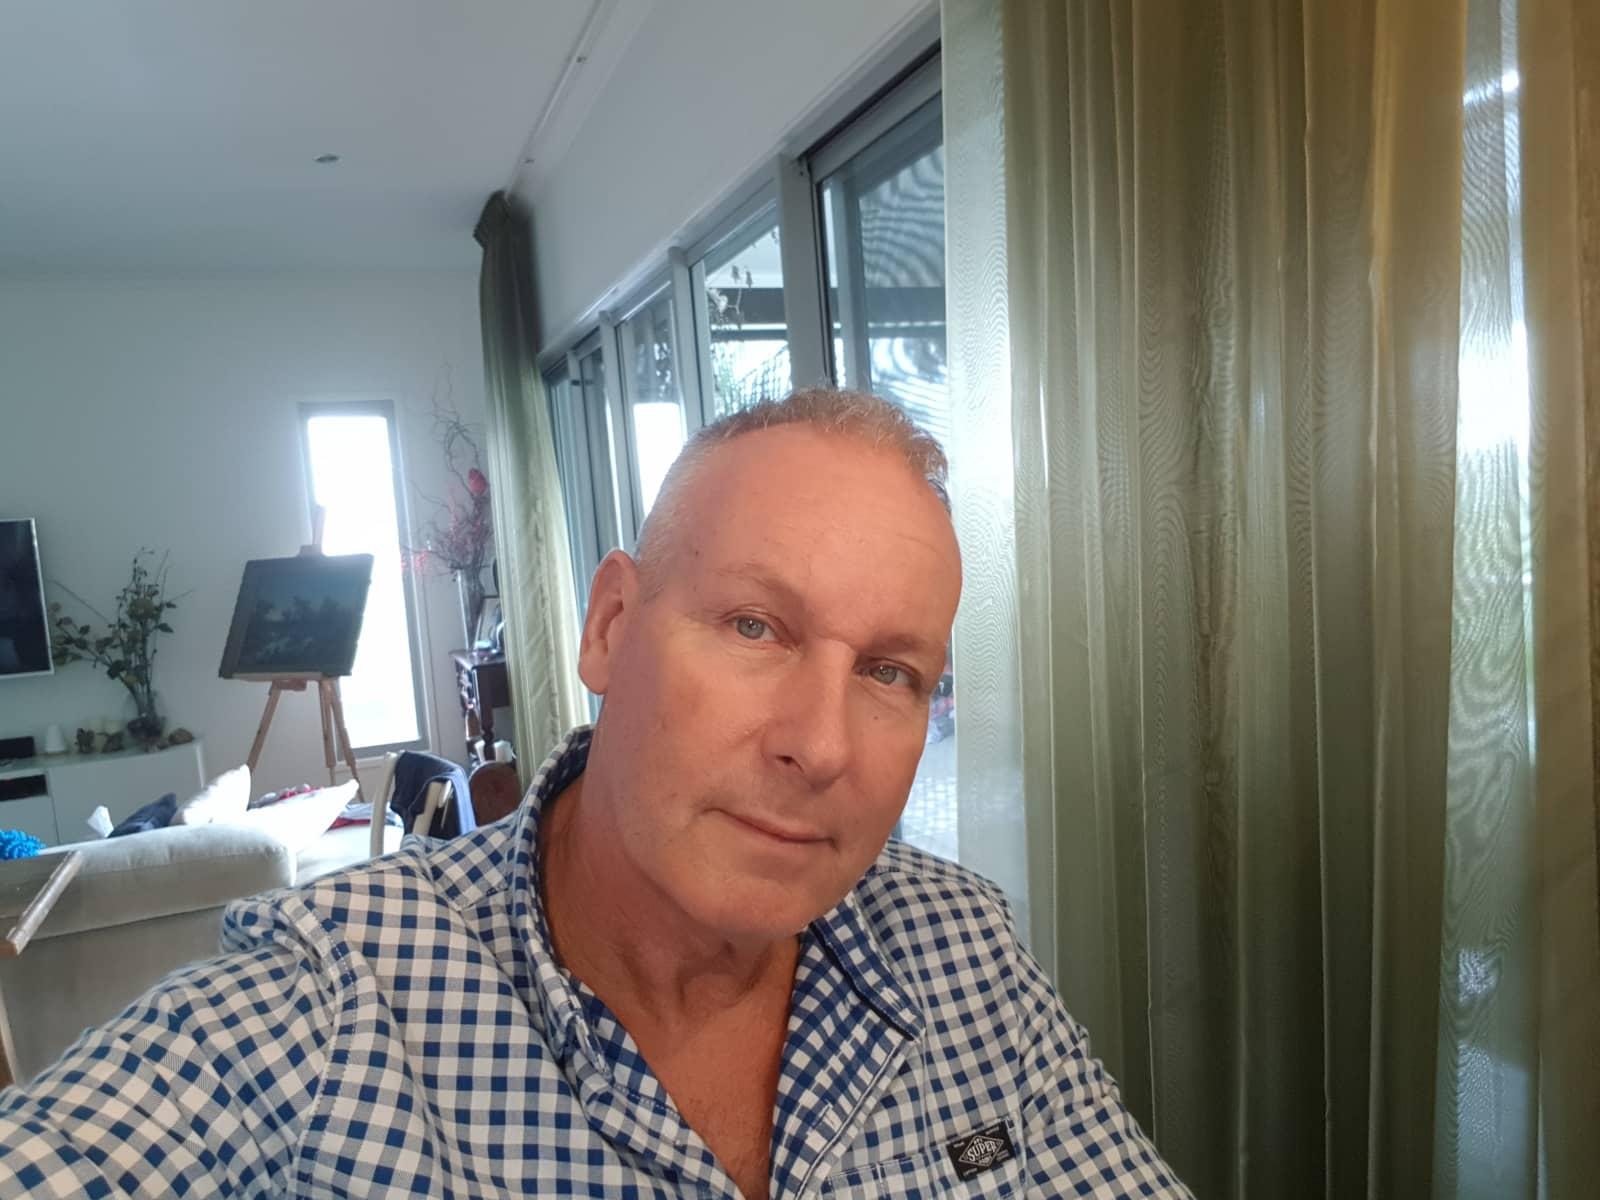 Paul from Doonan, Queensland, Australia